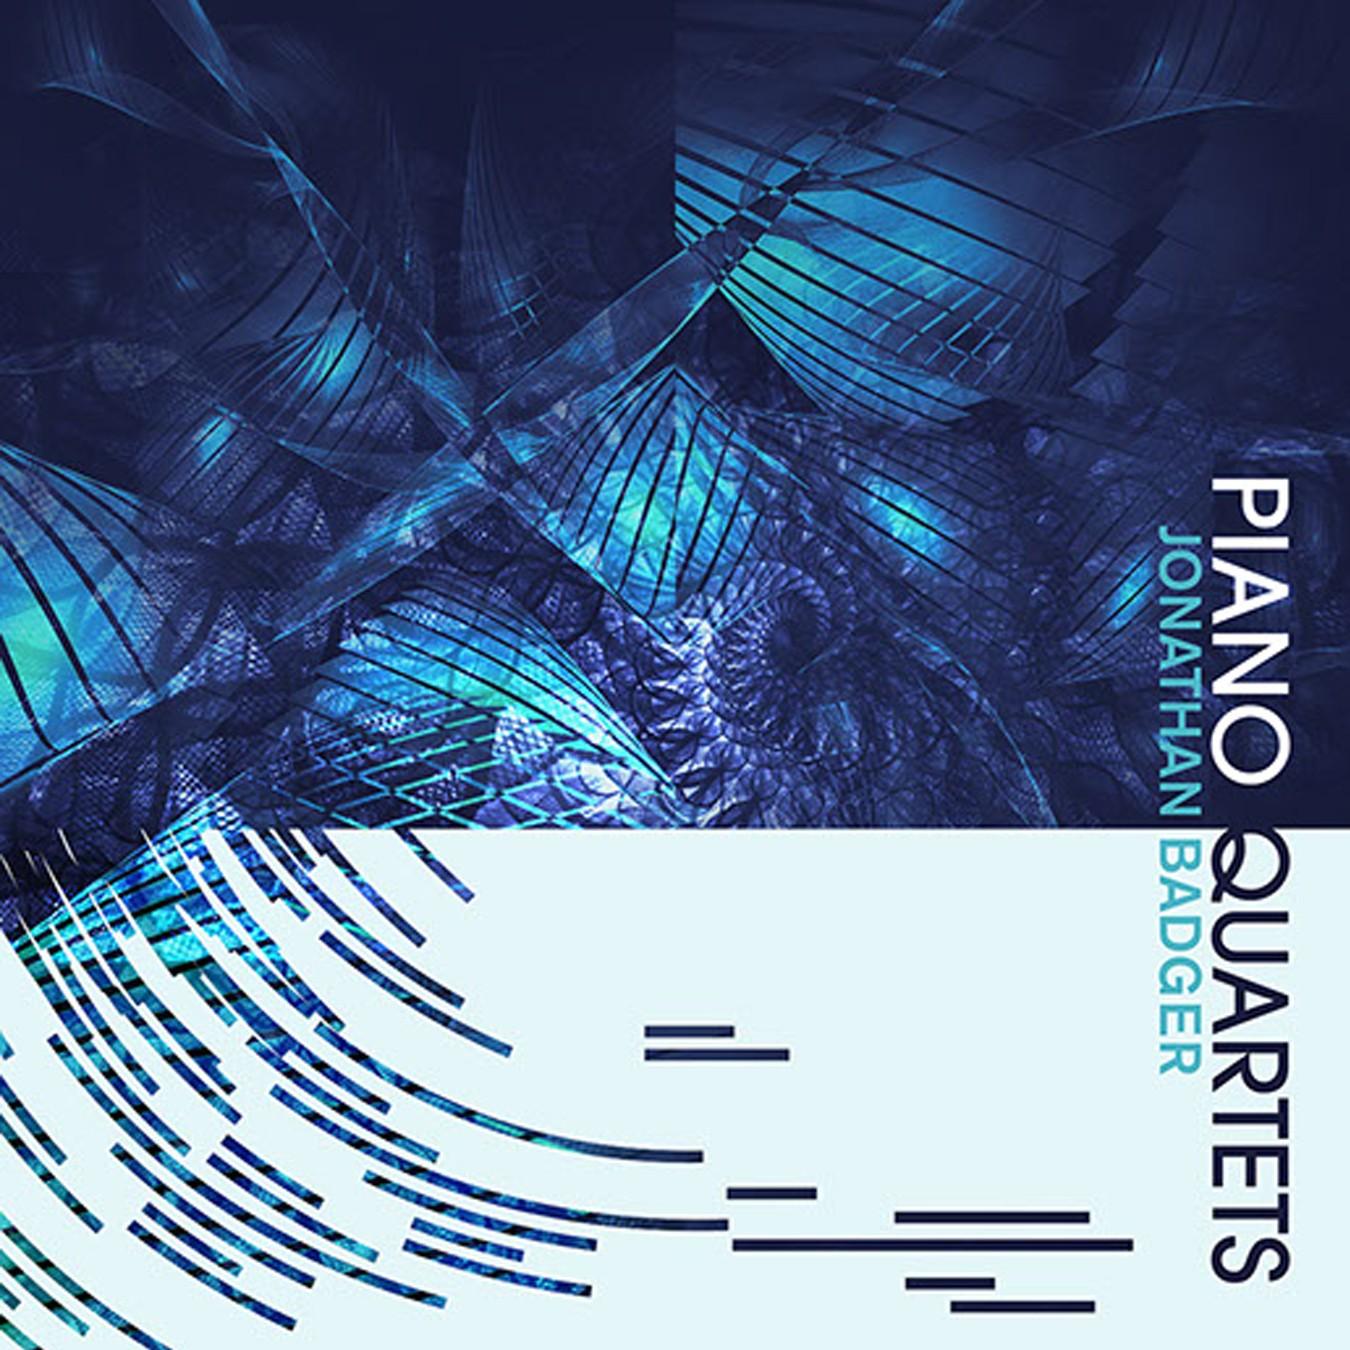 PIANO QUARTETS - Jonathan Badger - album cover